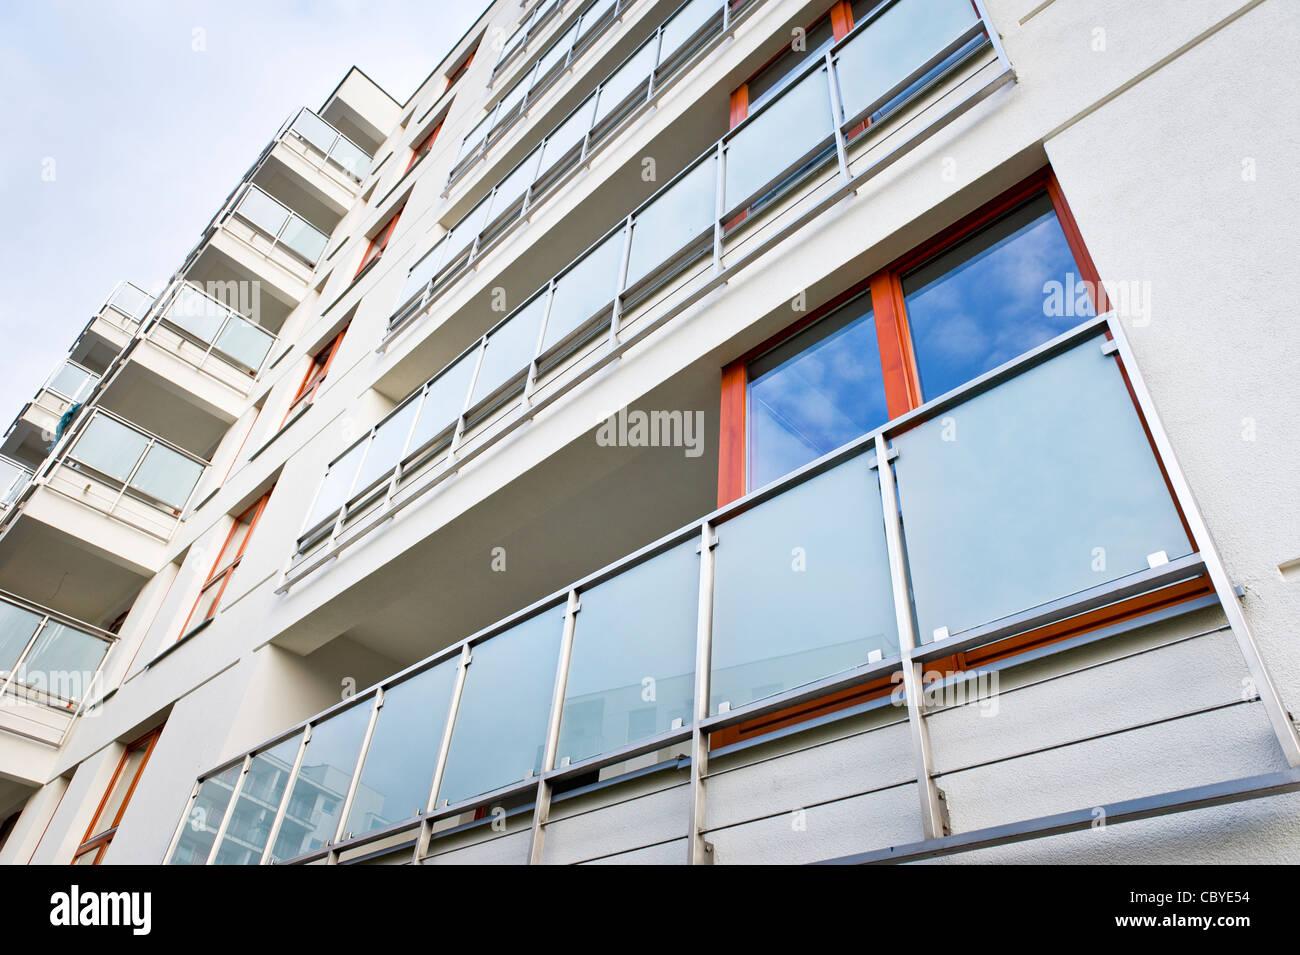 Balcón moderno diseño exterior inmobiliaria Imagen De Stock